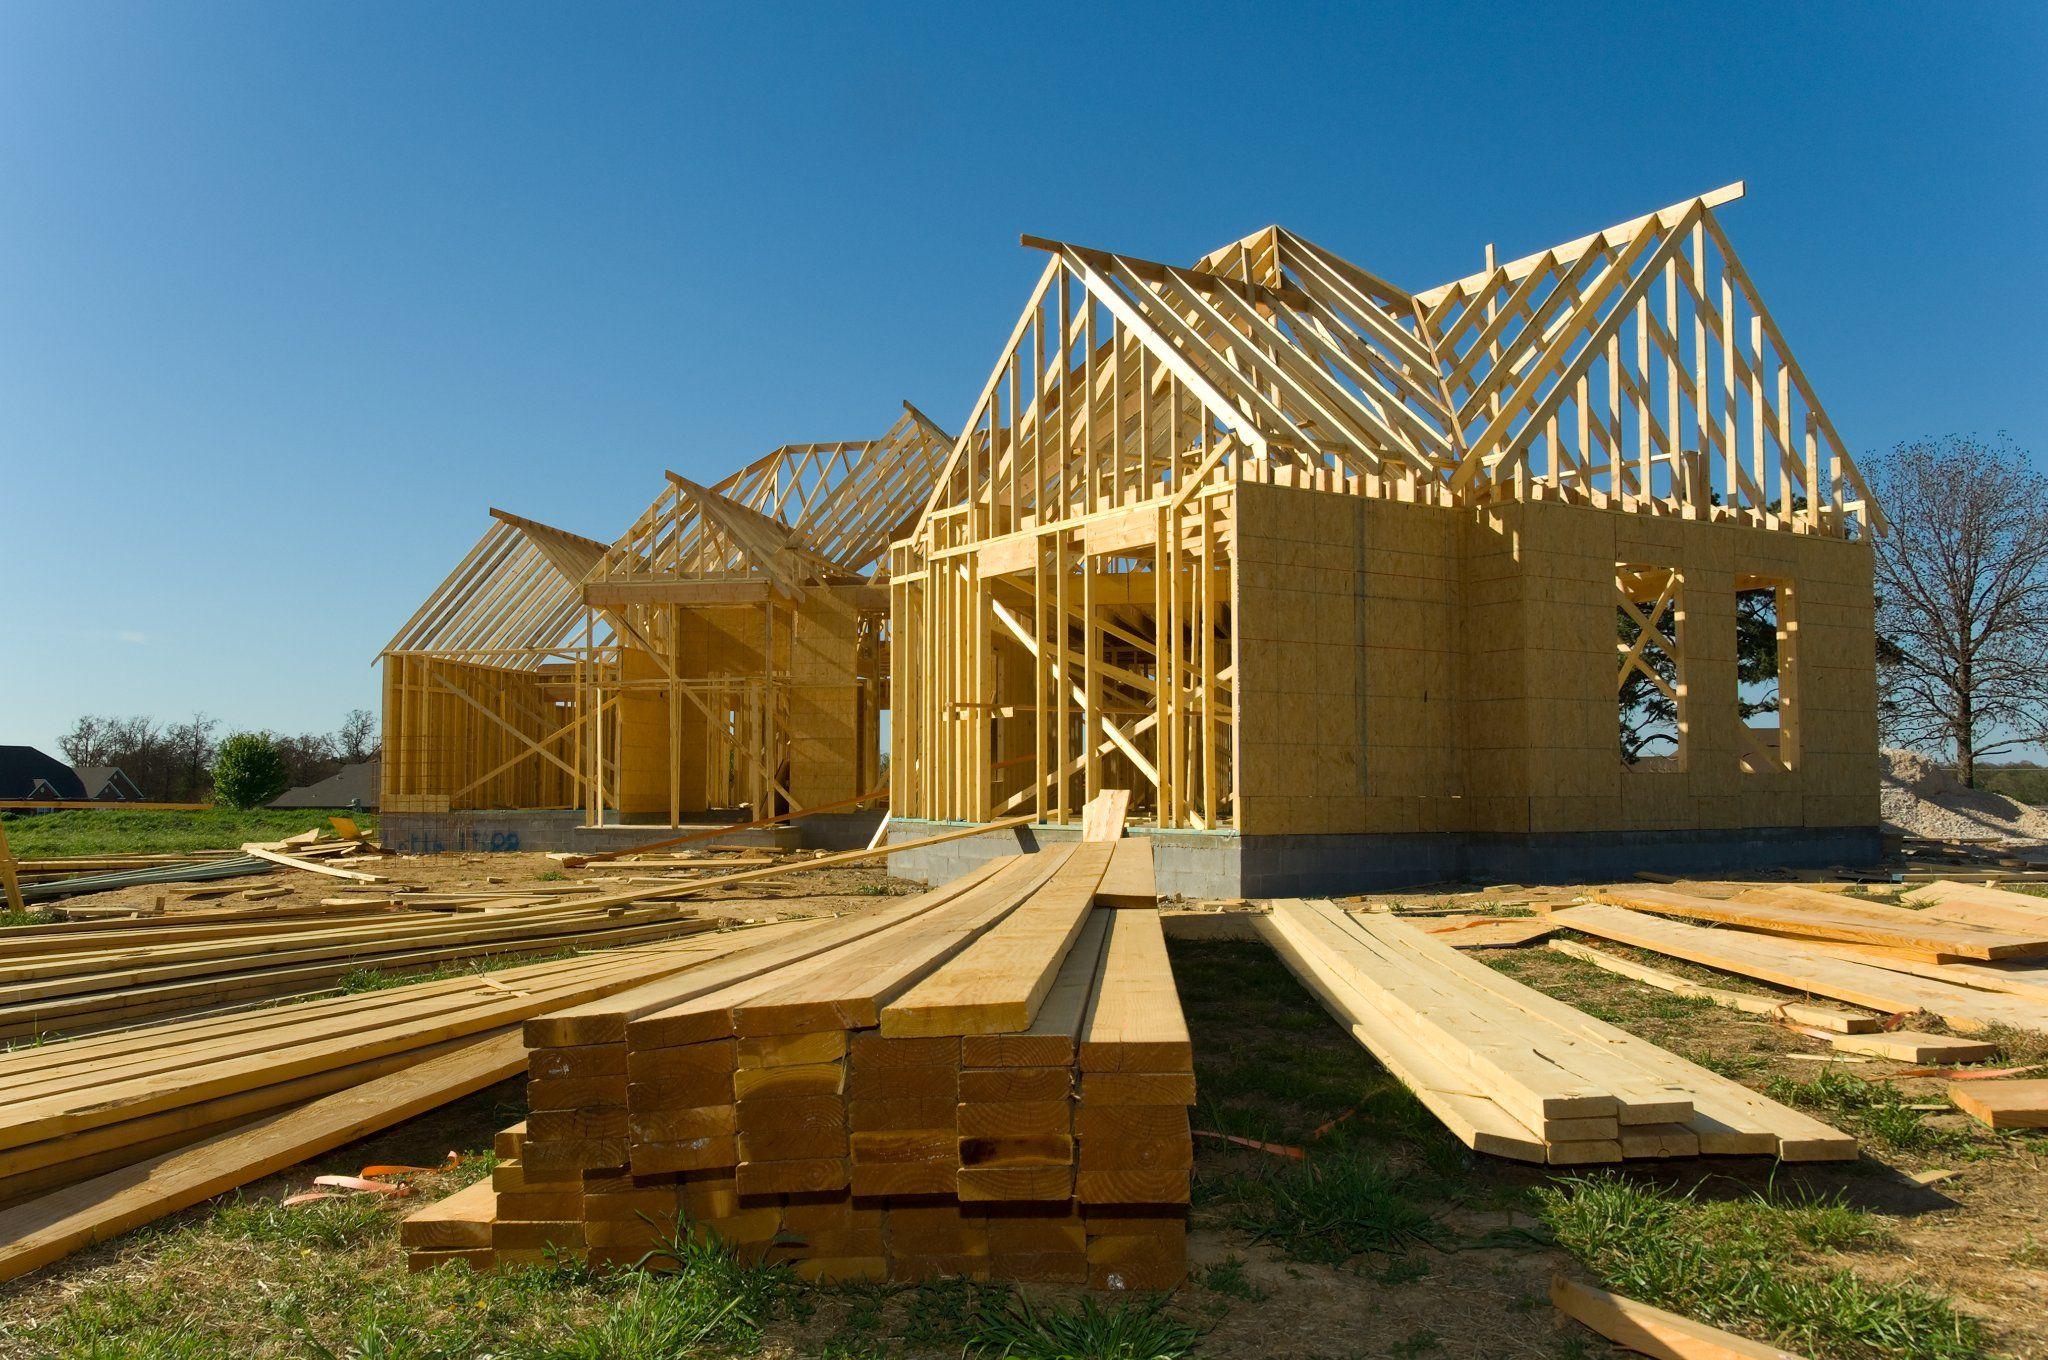 Comment Estimer Le Prix D Une Construction D Une Maison